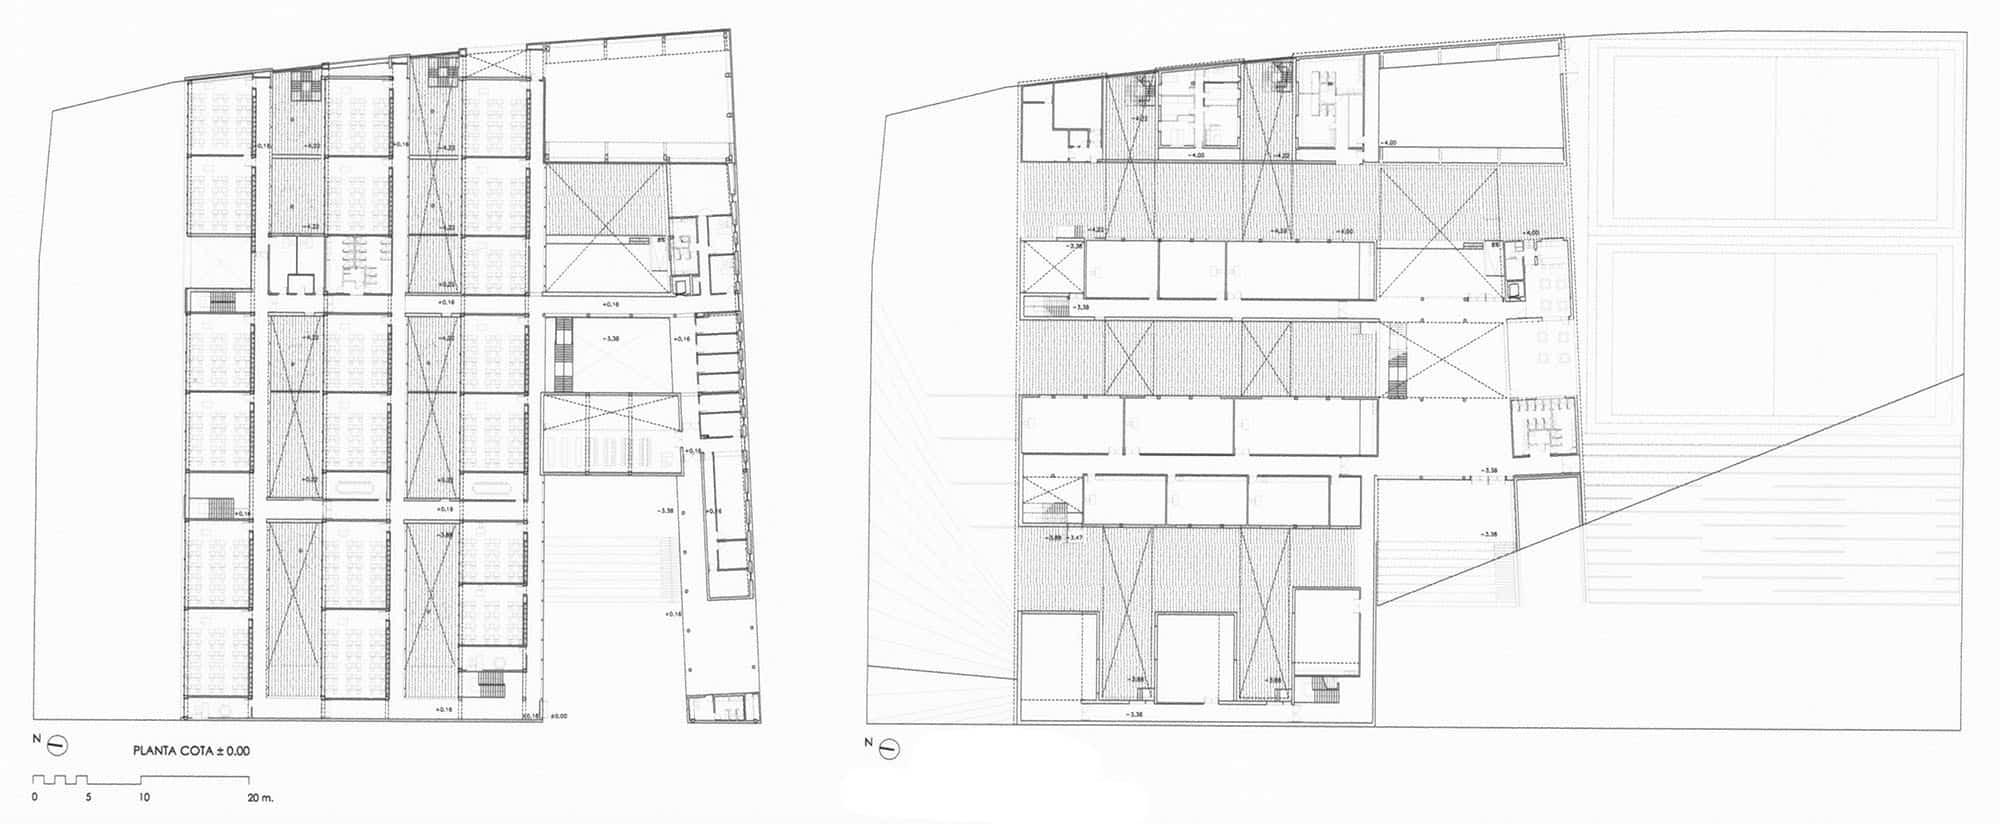 IES Badajoz- LANDINEZ+REY | equipo L2G arquitectos, slp [ eL2Gaa ]